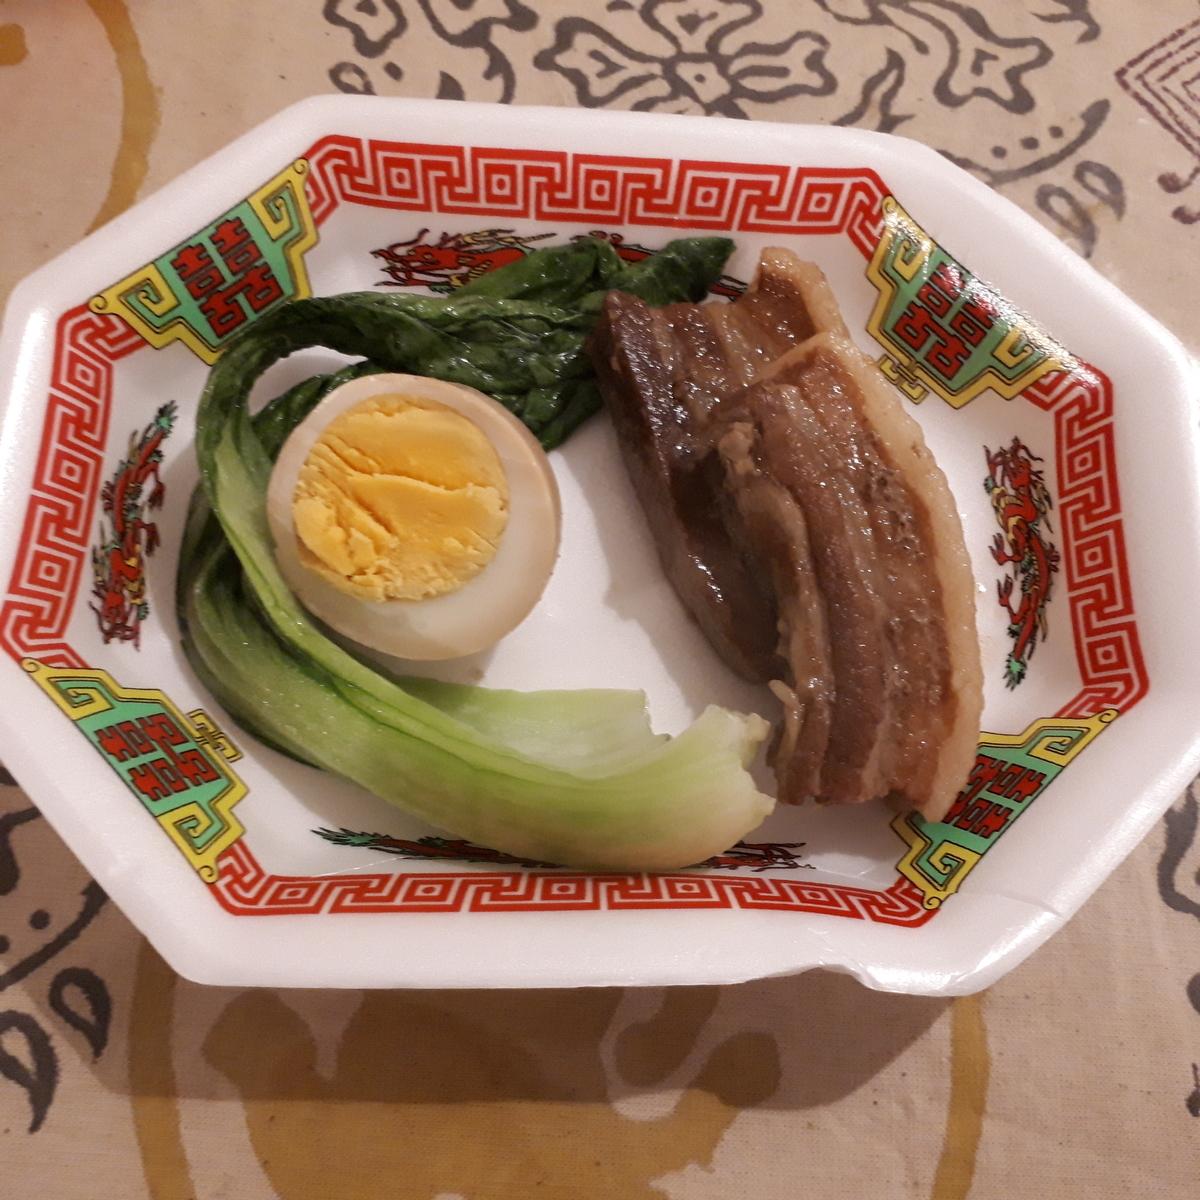 カレー事情聴取スパイス定食&バルVol.6 2019年7月19日 台湾天国 魯肉 豚の角煮 煮卵 青梗菜